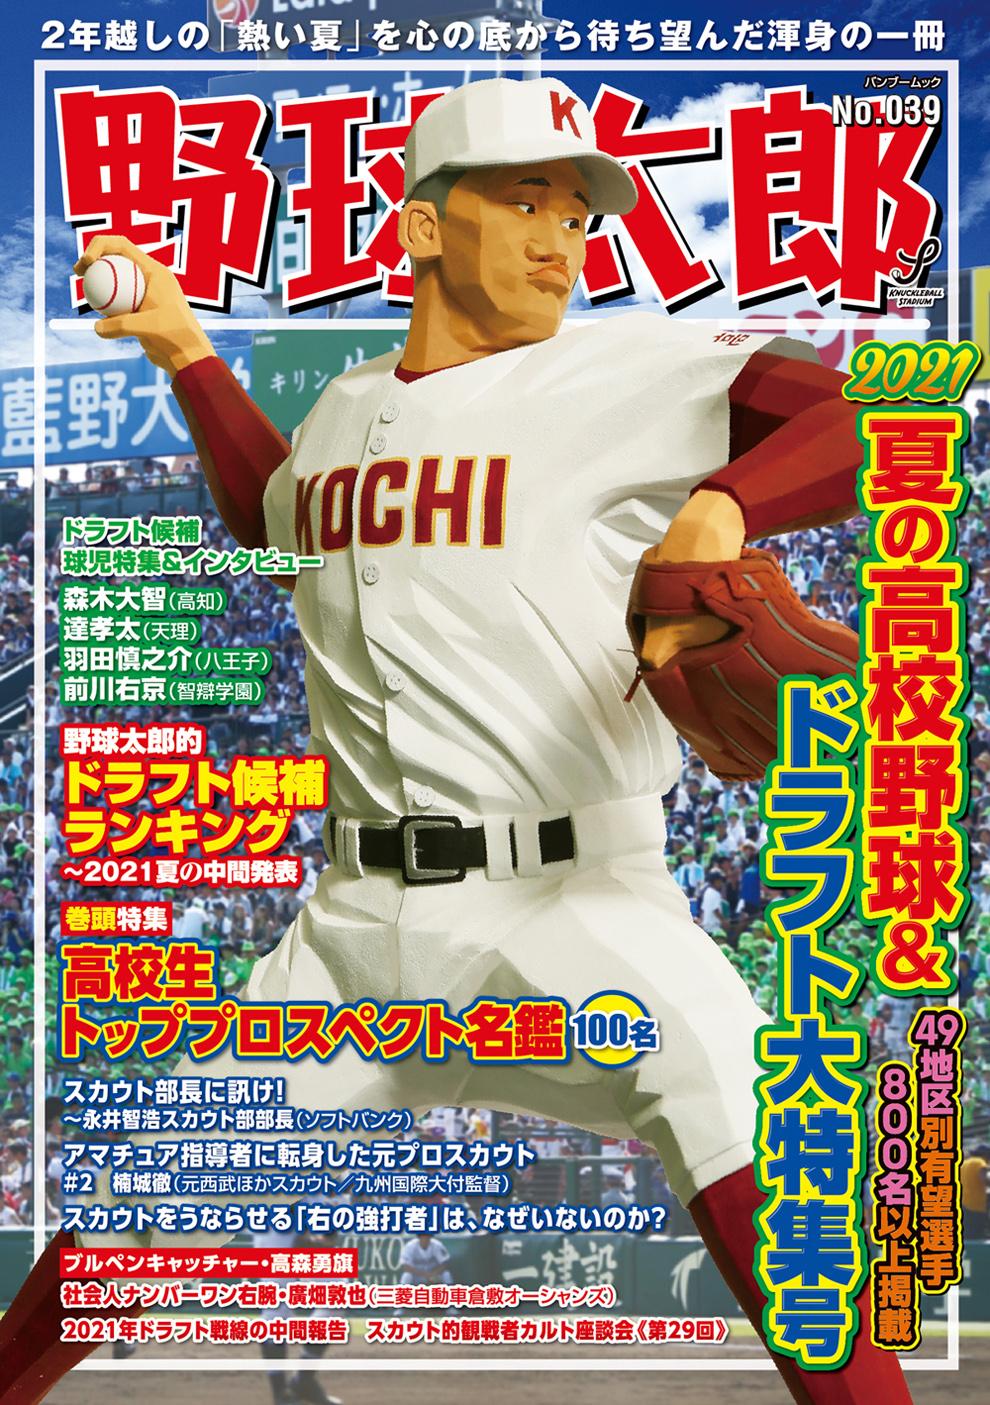 『野球太郎 No.039 2021夏の高校野球&ドラフト大特集号』は6月17日に発売!